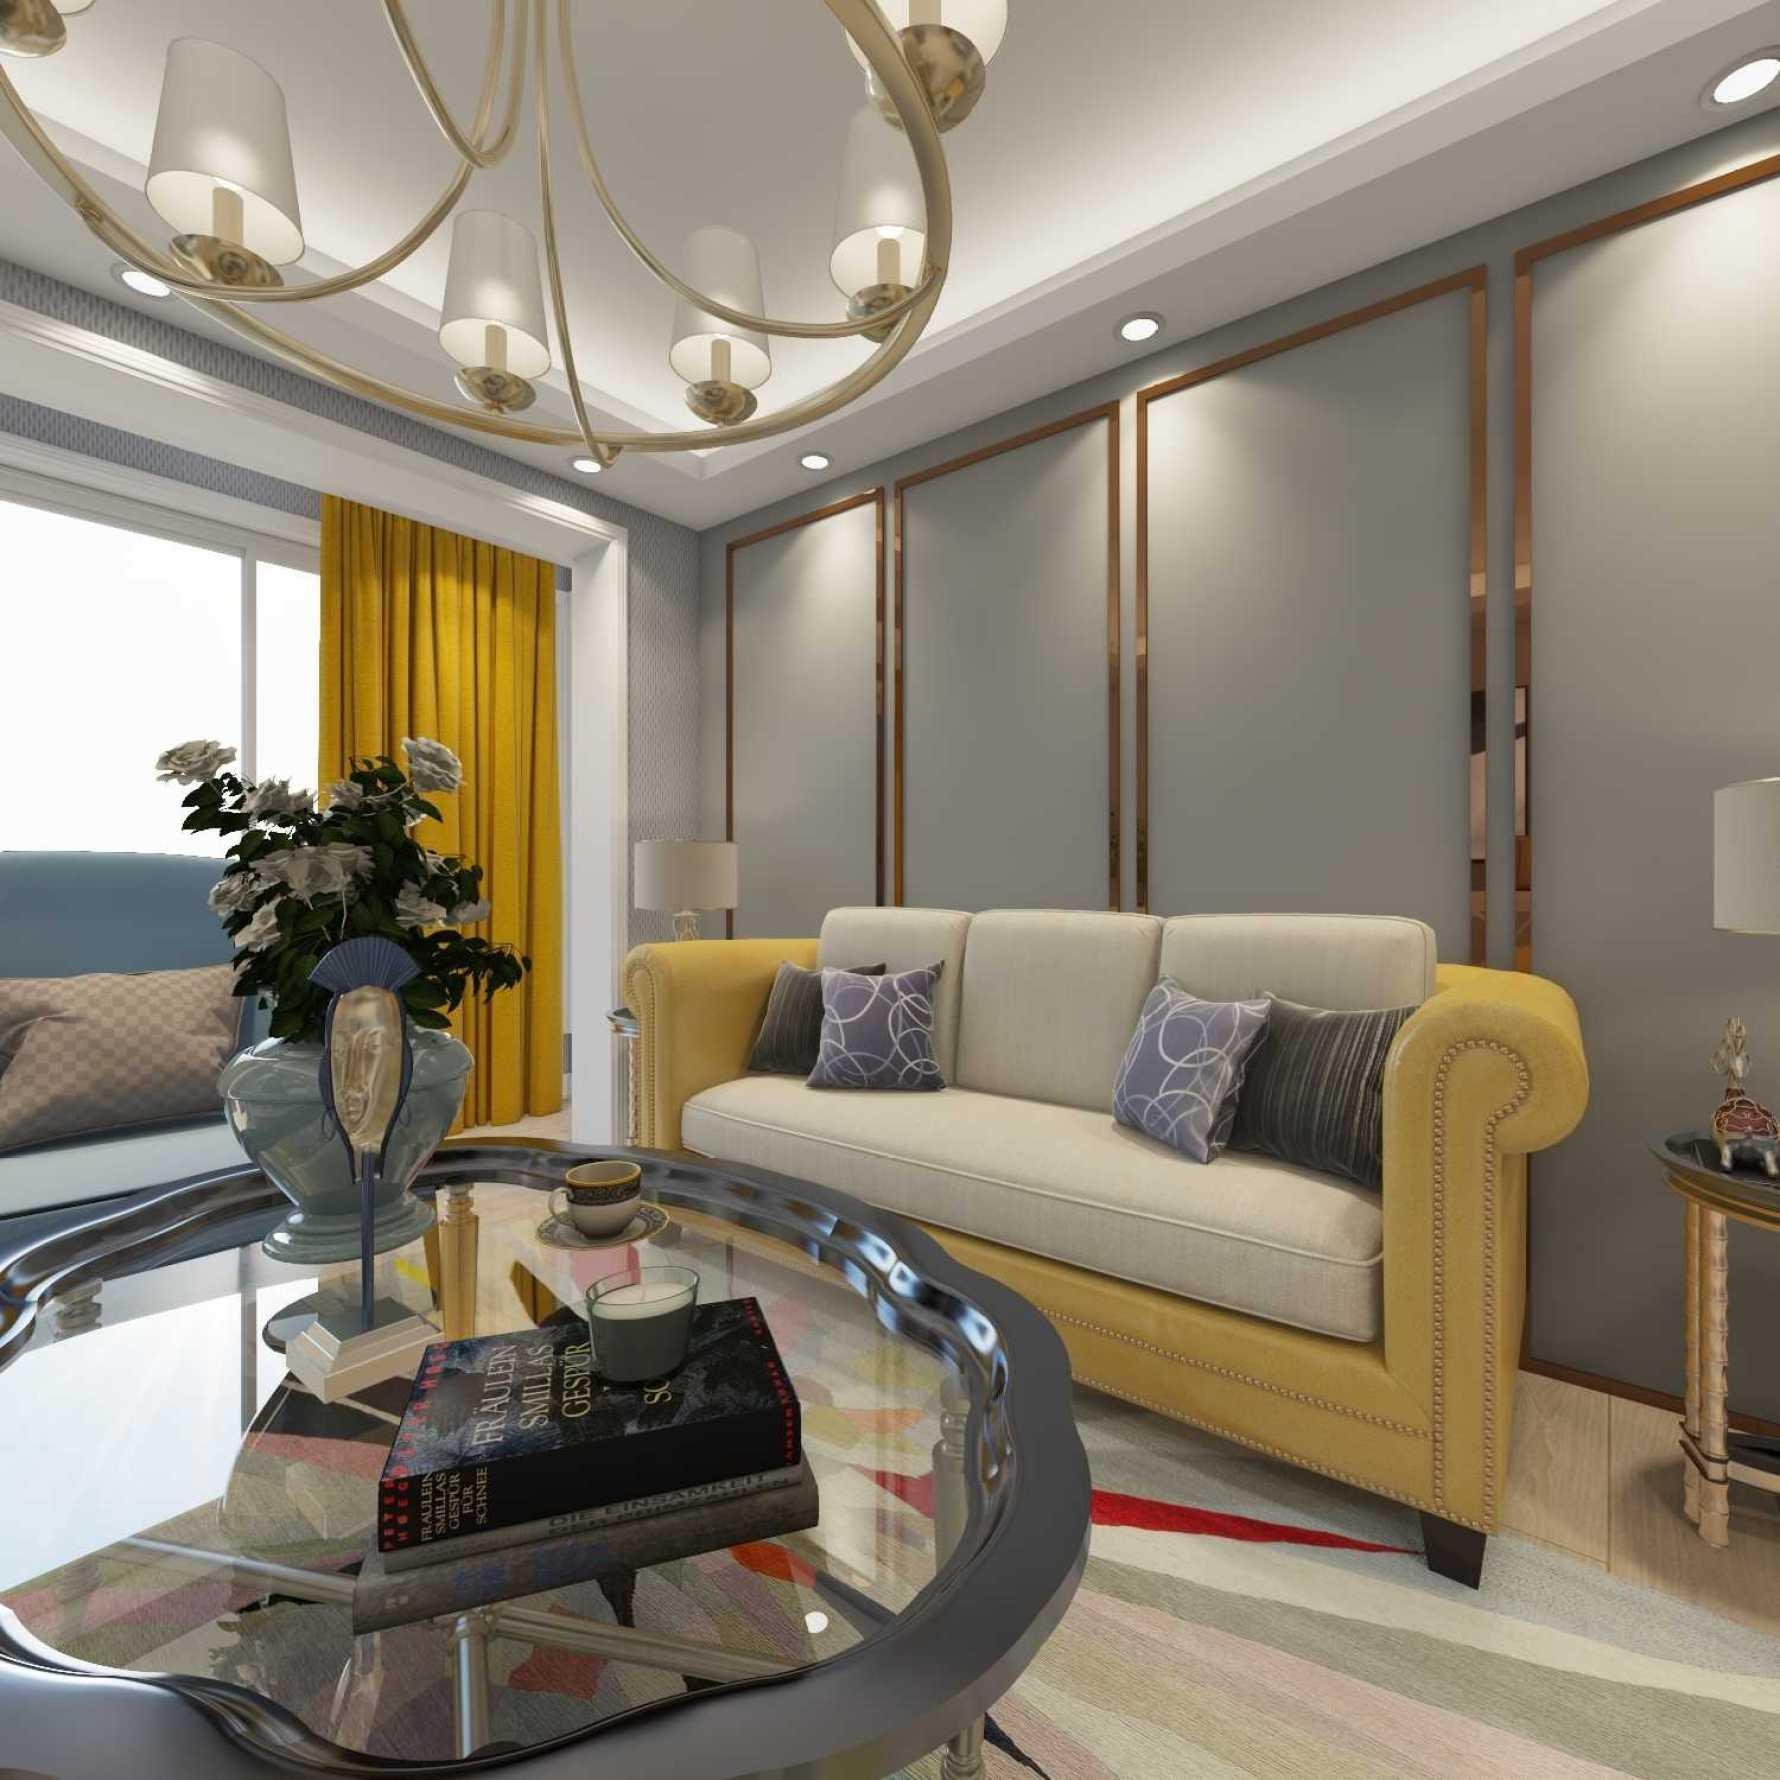 美式风格两室一厅装修设计图